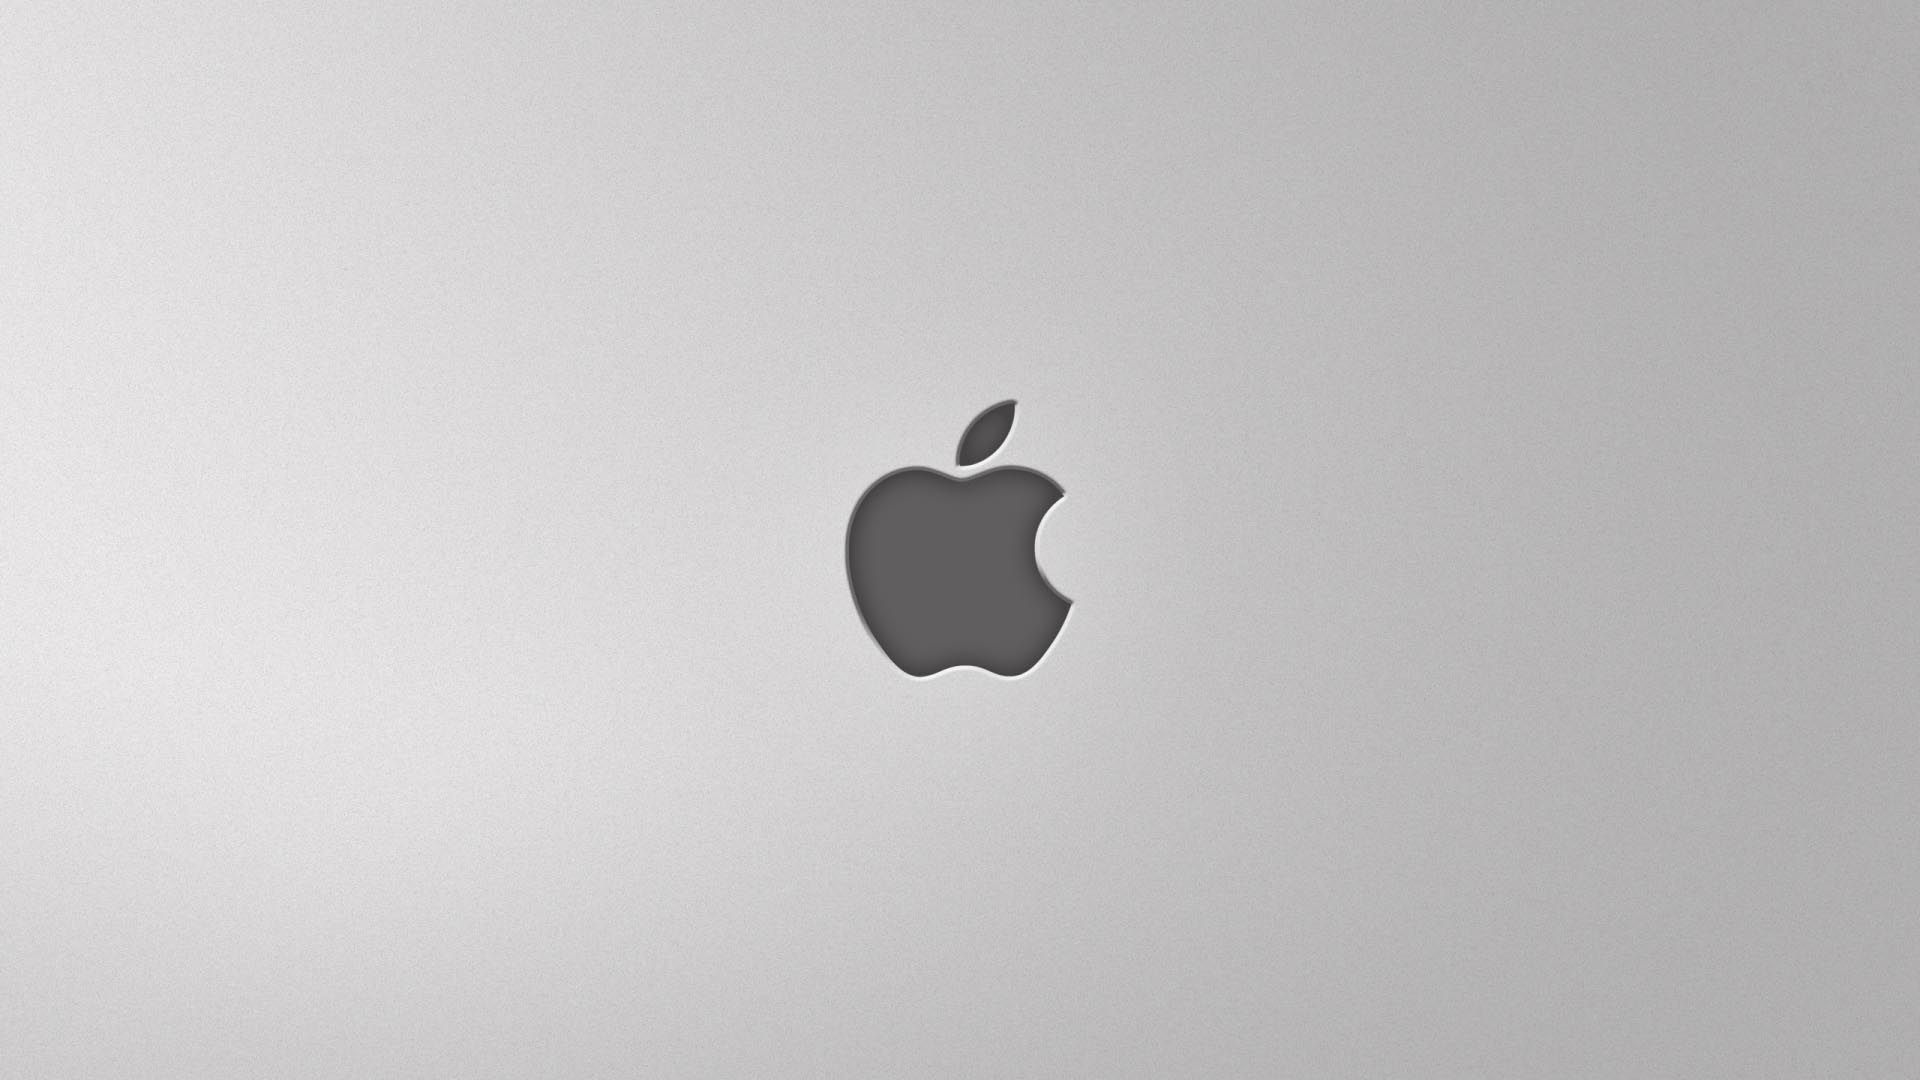 apple silver board | apple | pinterest | apple wallpaper, wallpaper